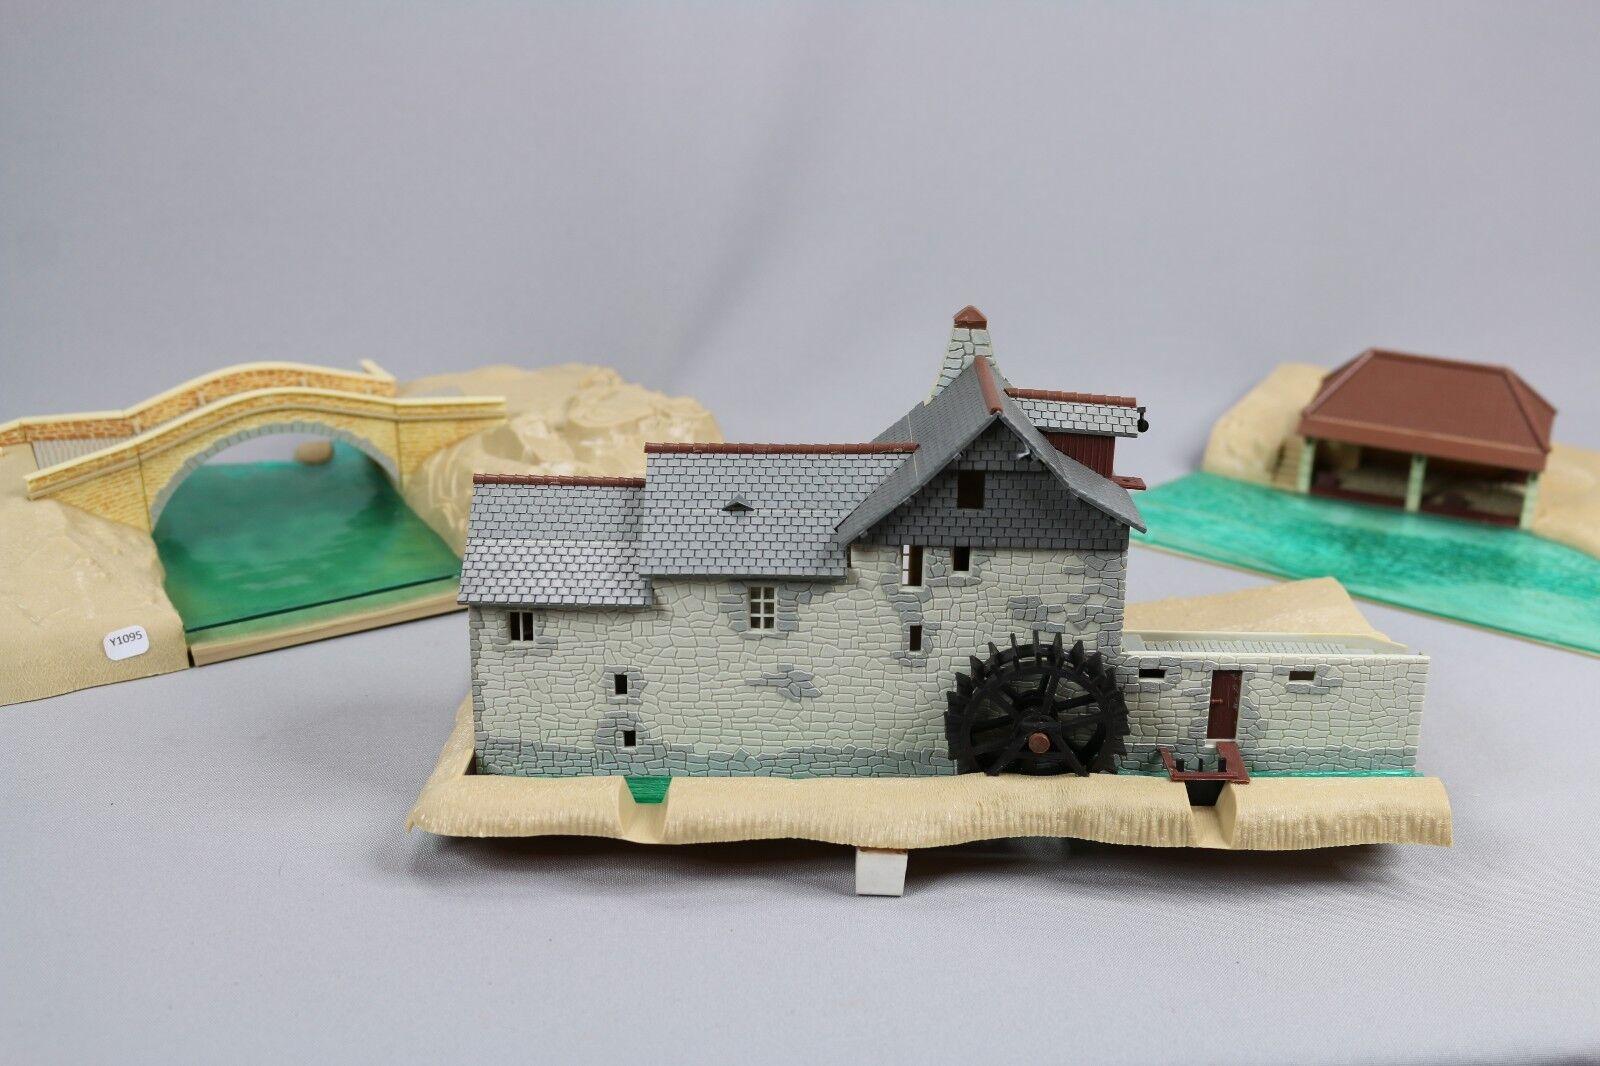 Y1105 Jouef 1015 1016 1017 maquette train Ho moulin sarthois pont romain lavoir